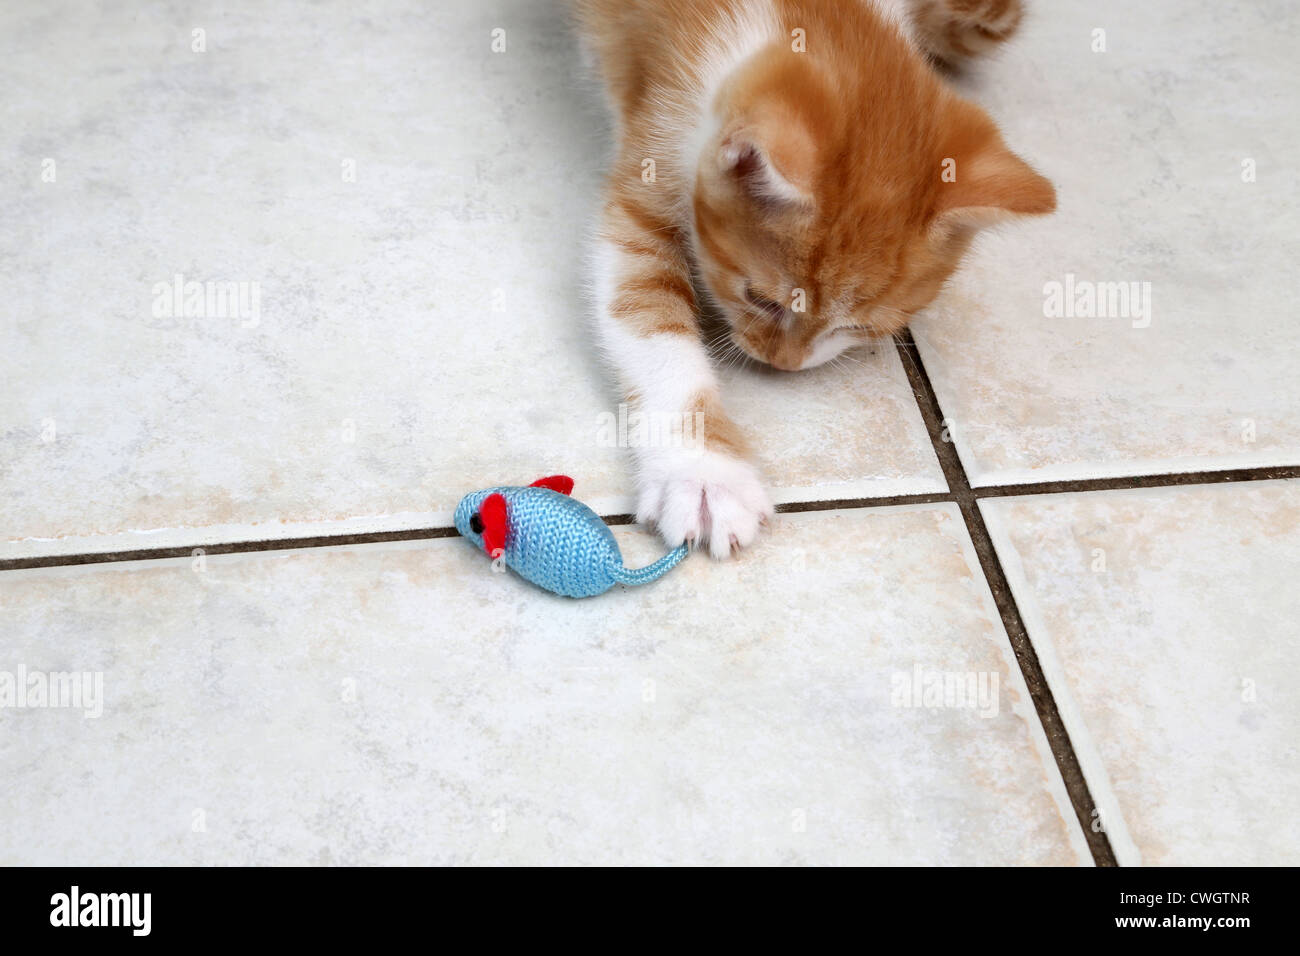 Jengibre y Blanco gatito jugando con un ratón de juguete Foto de stock